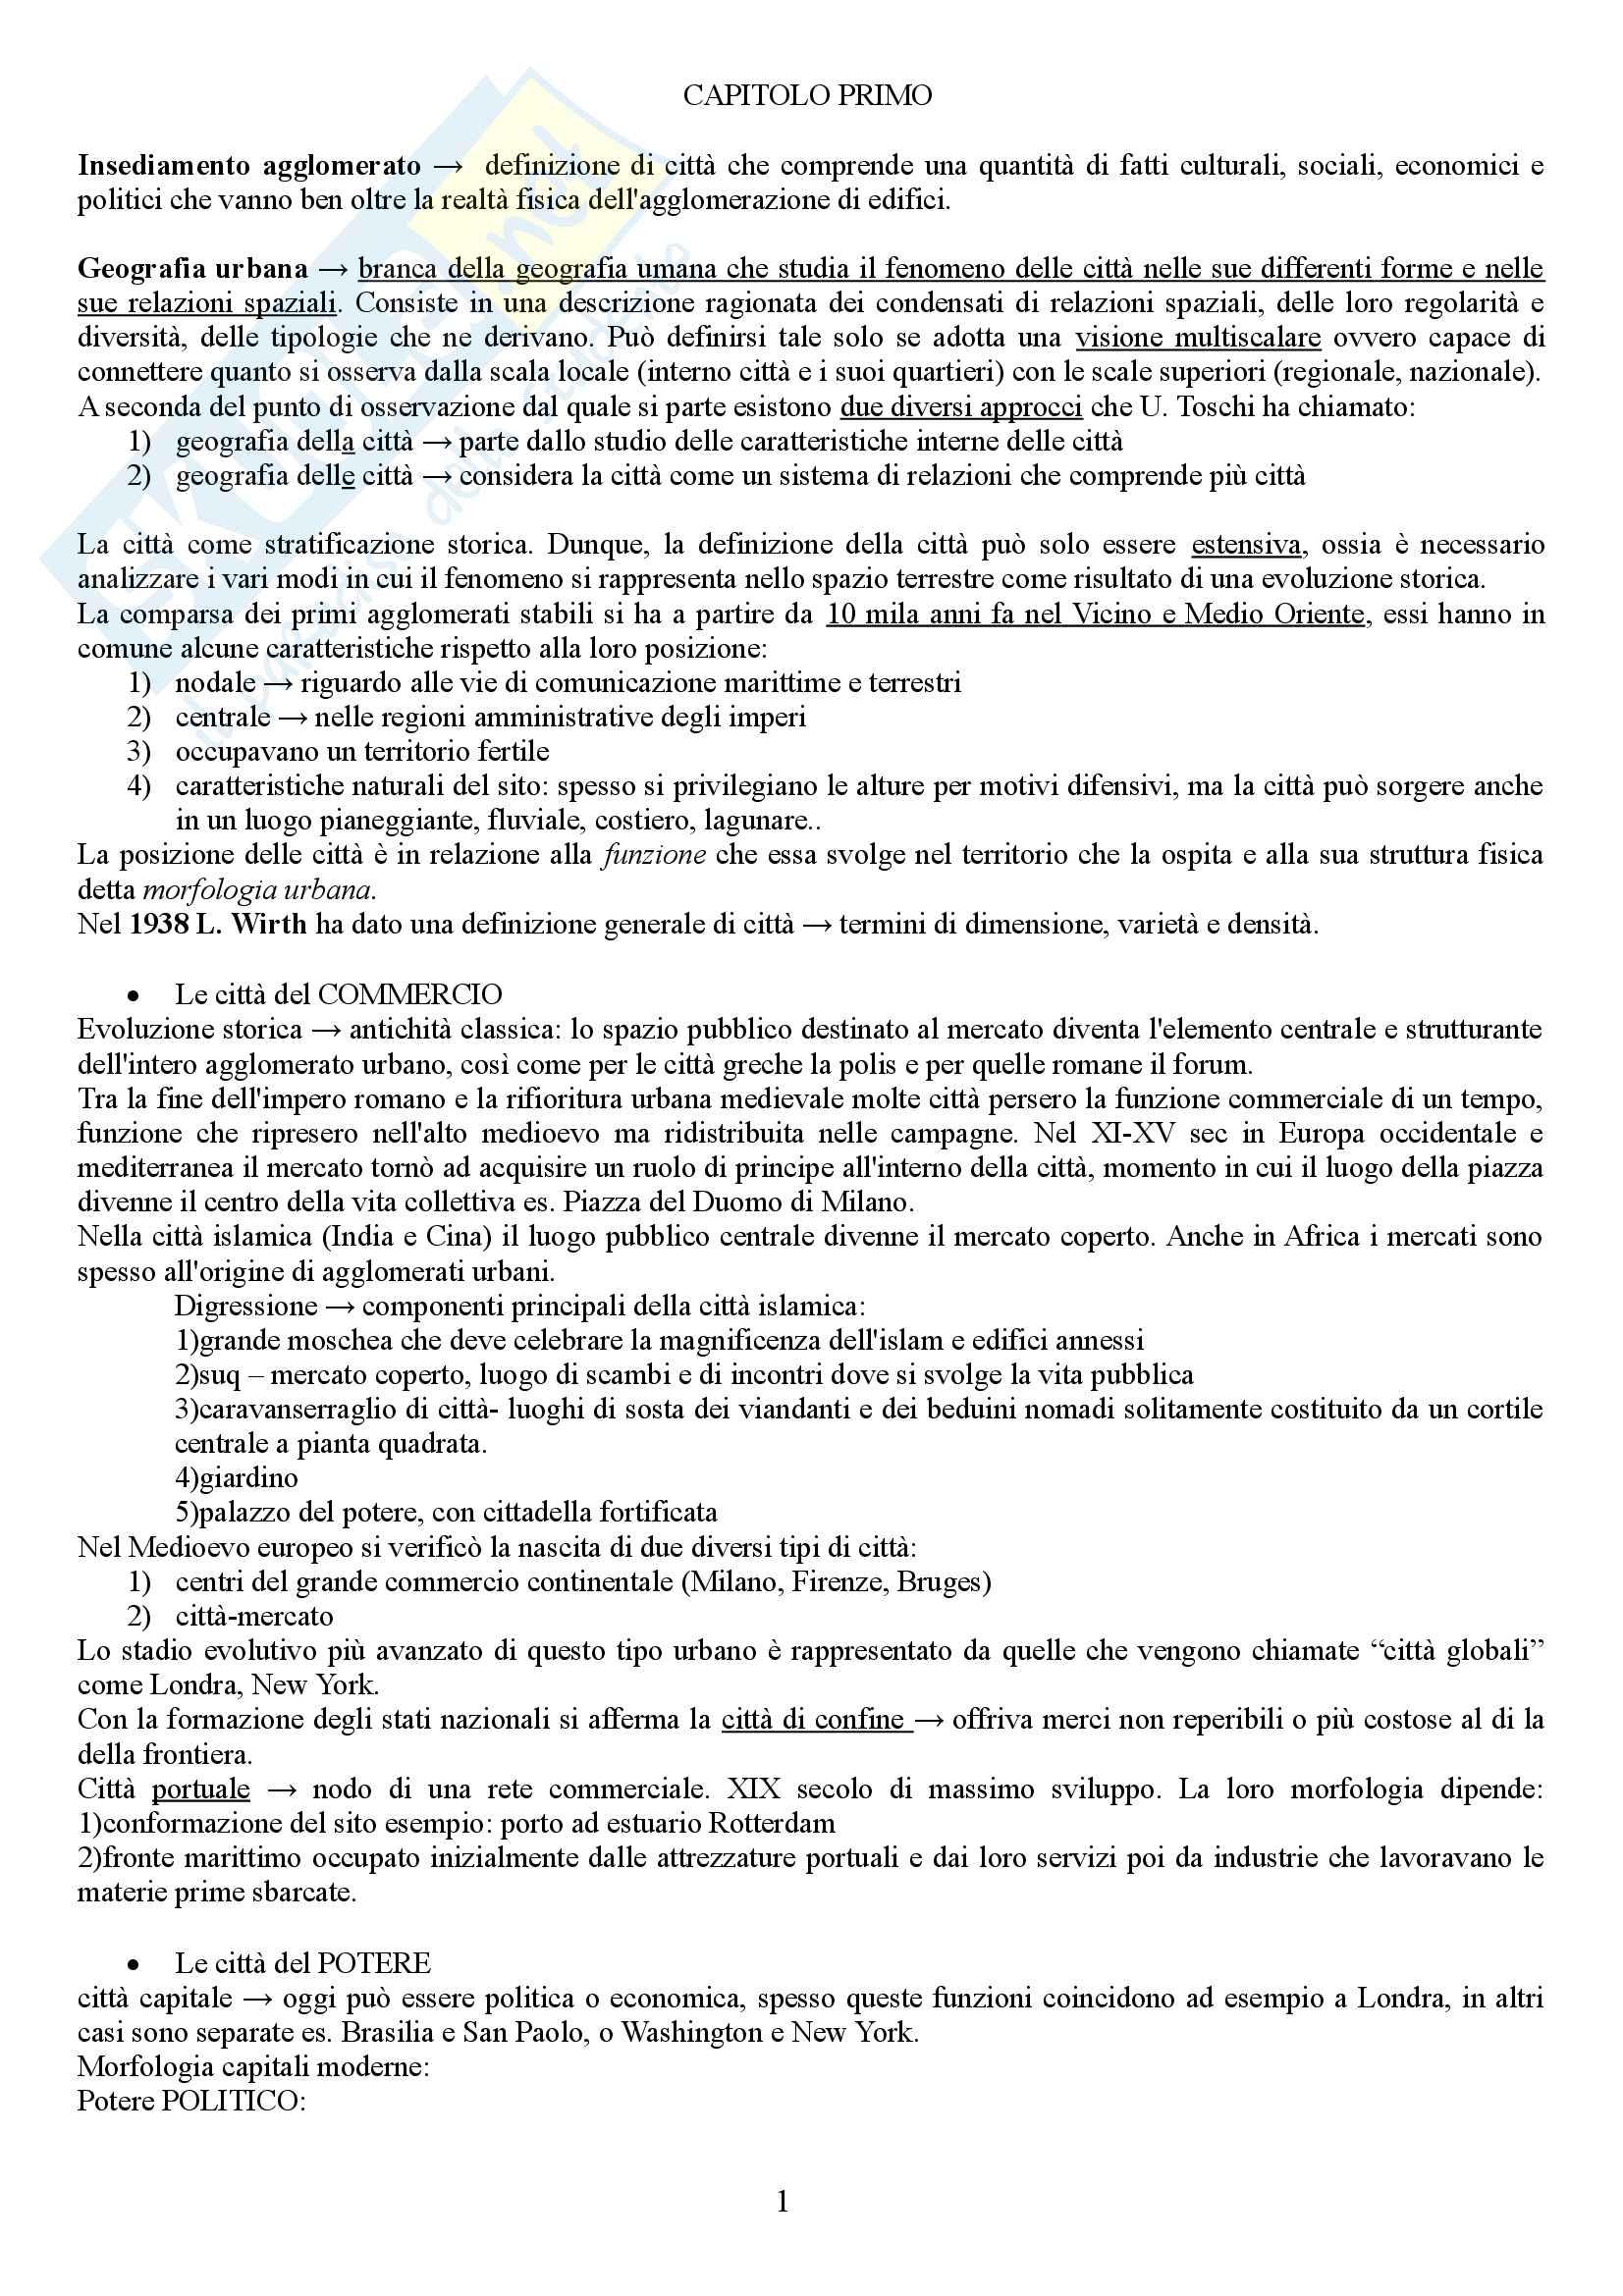 """Riassunto esame Geografia Culturale, prof. P.Macchia, libro consigliato """"Le città del mondo"""" autore Lanza/Dematteis"""